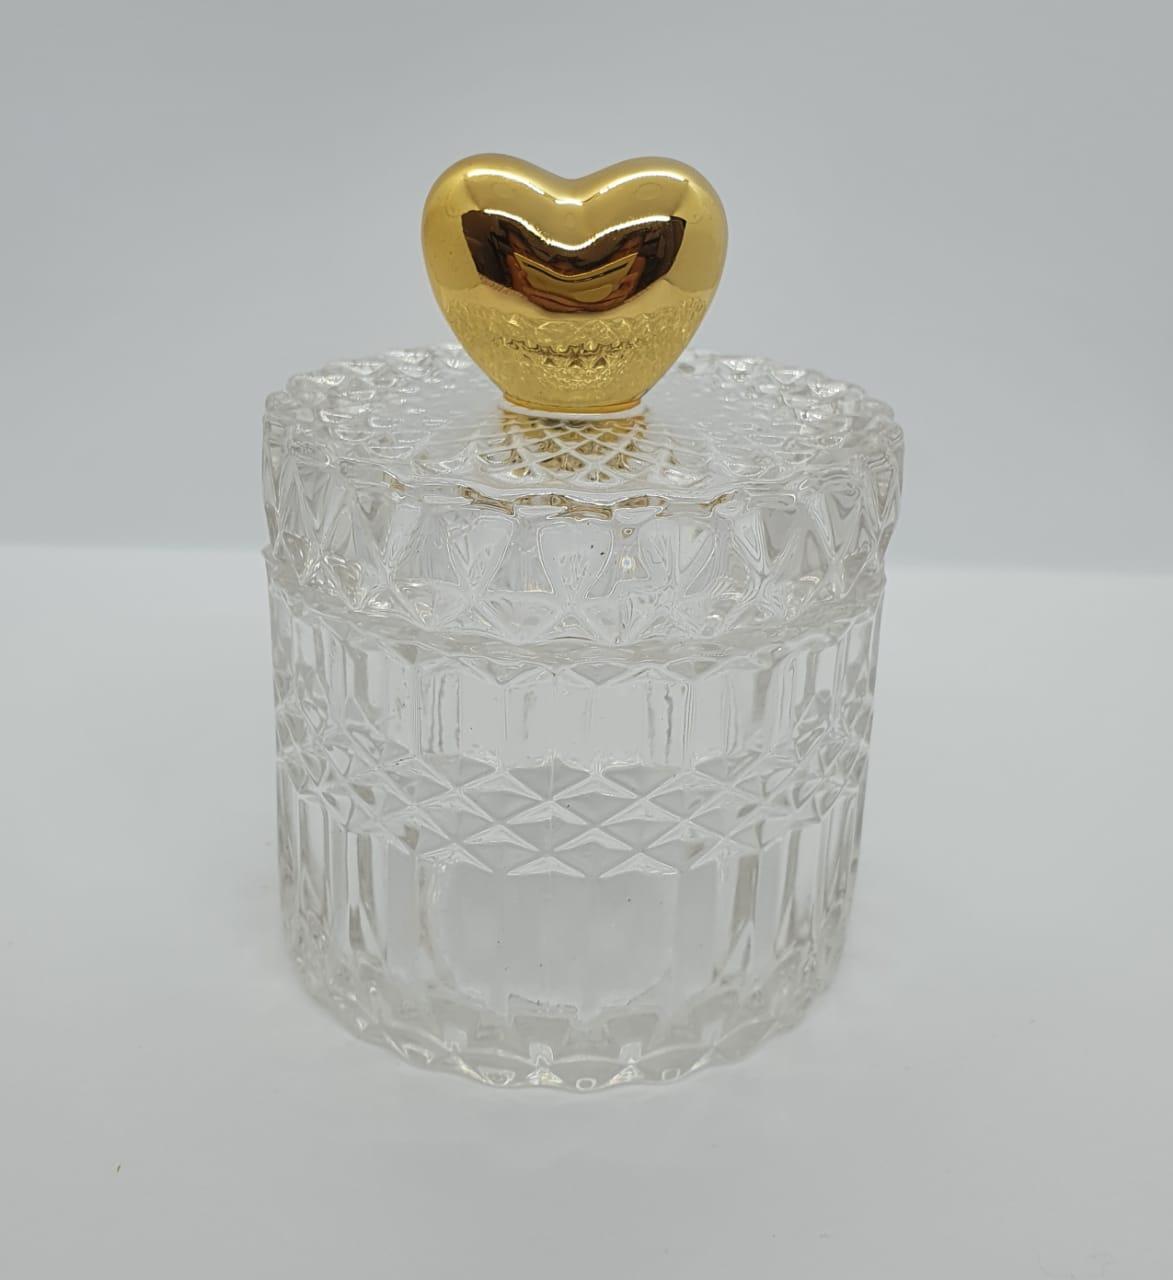 Porta joias redondo em vidro - Coração dourado